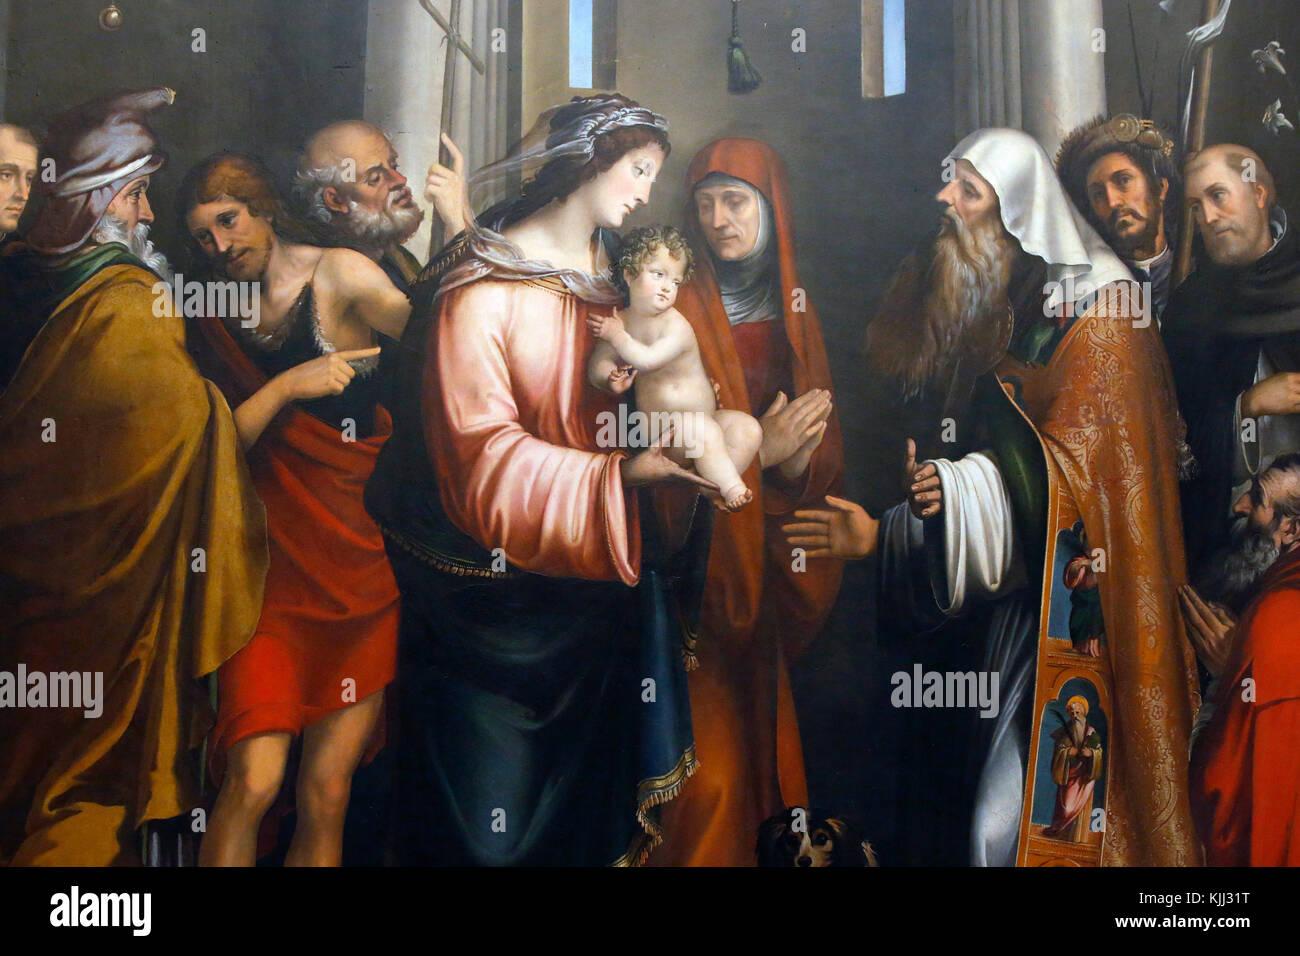 Museo Capitolino, Roma. Francesco Francia, la presentazione di Gesù al tempio, completato c.1580, olio su legno. Immagini Stock